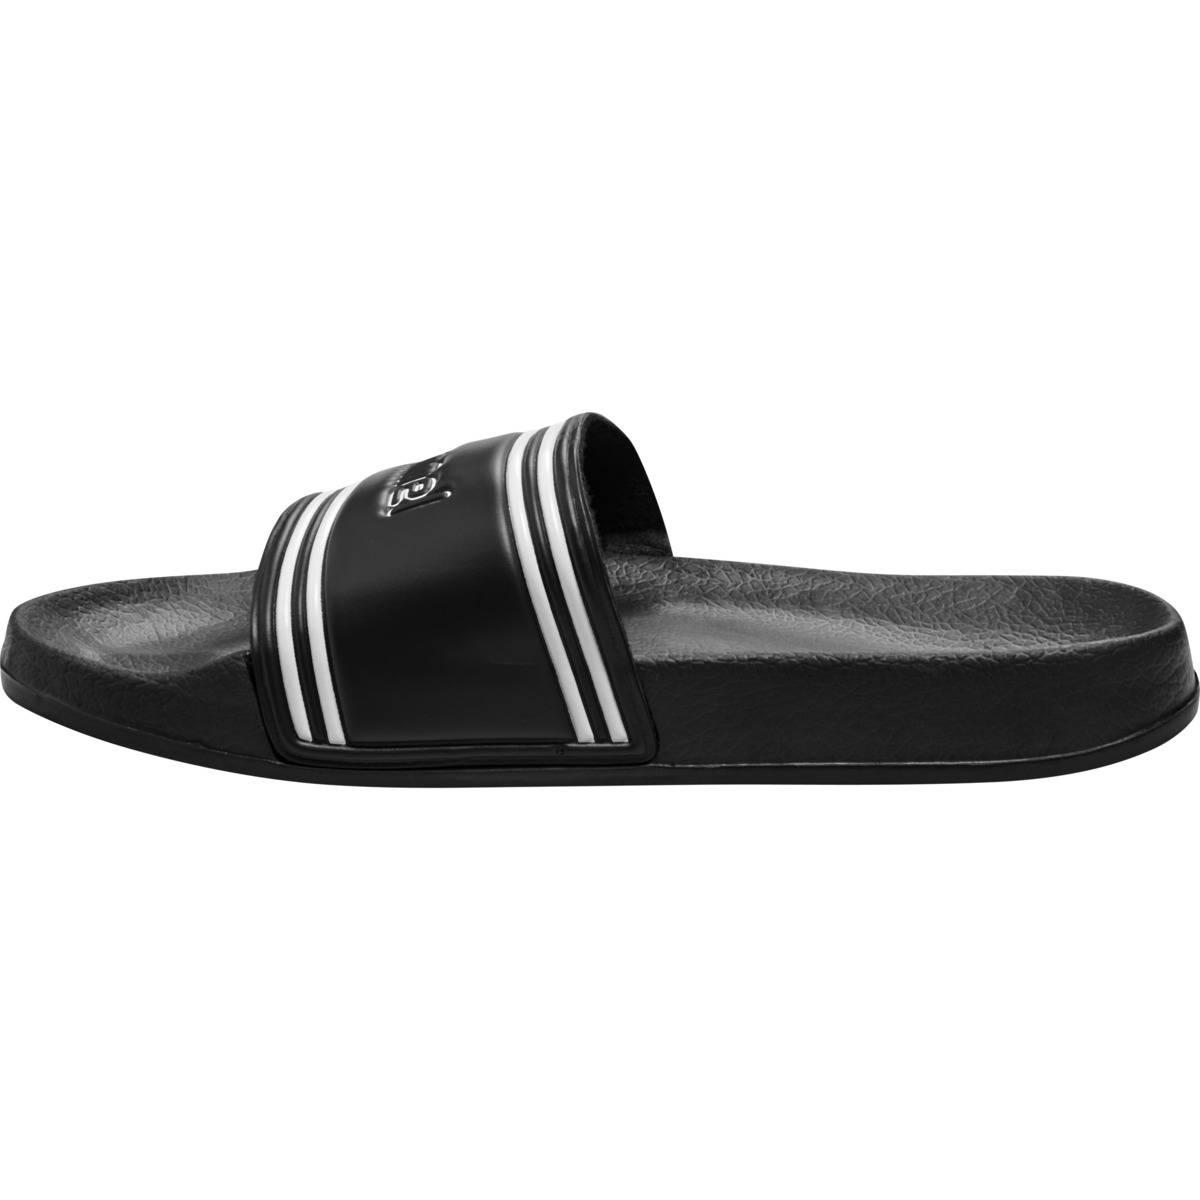 Hummel Pool Slide - Black